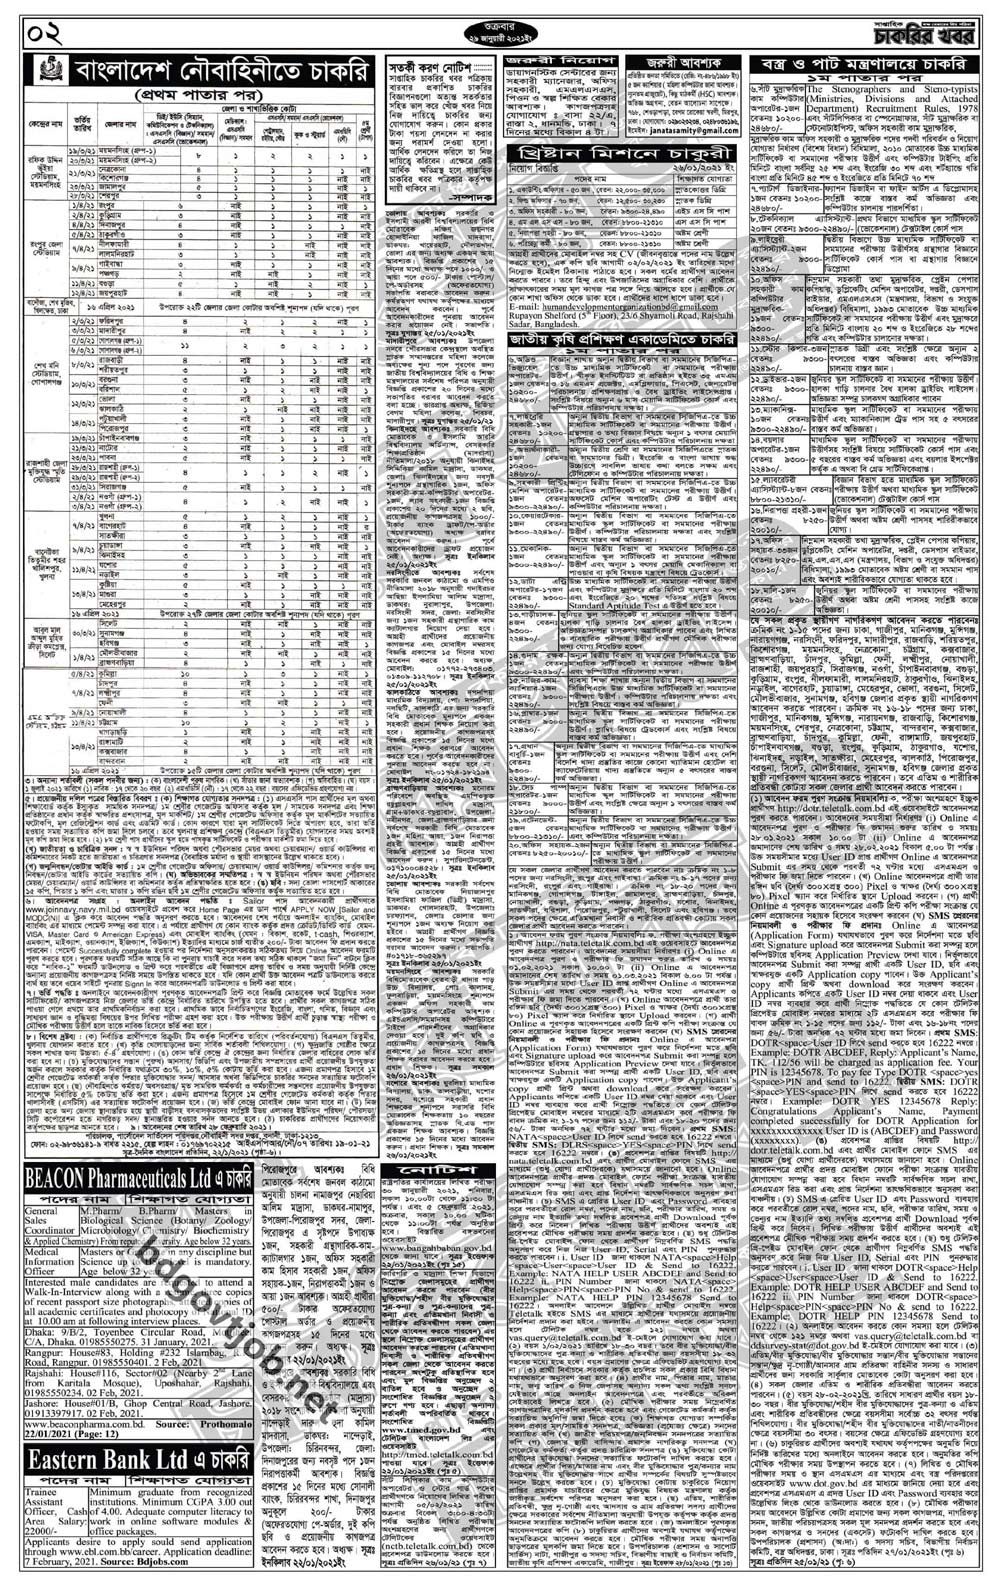 Weekly jobs newspaper page 2